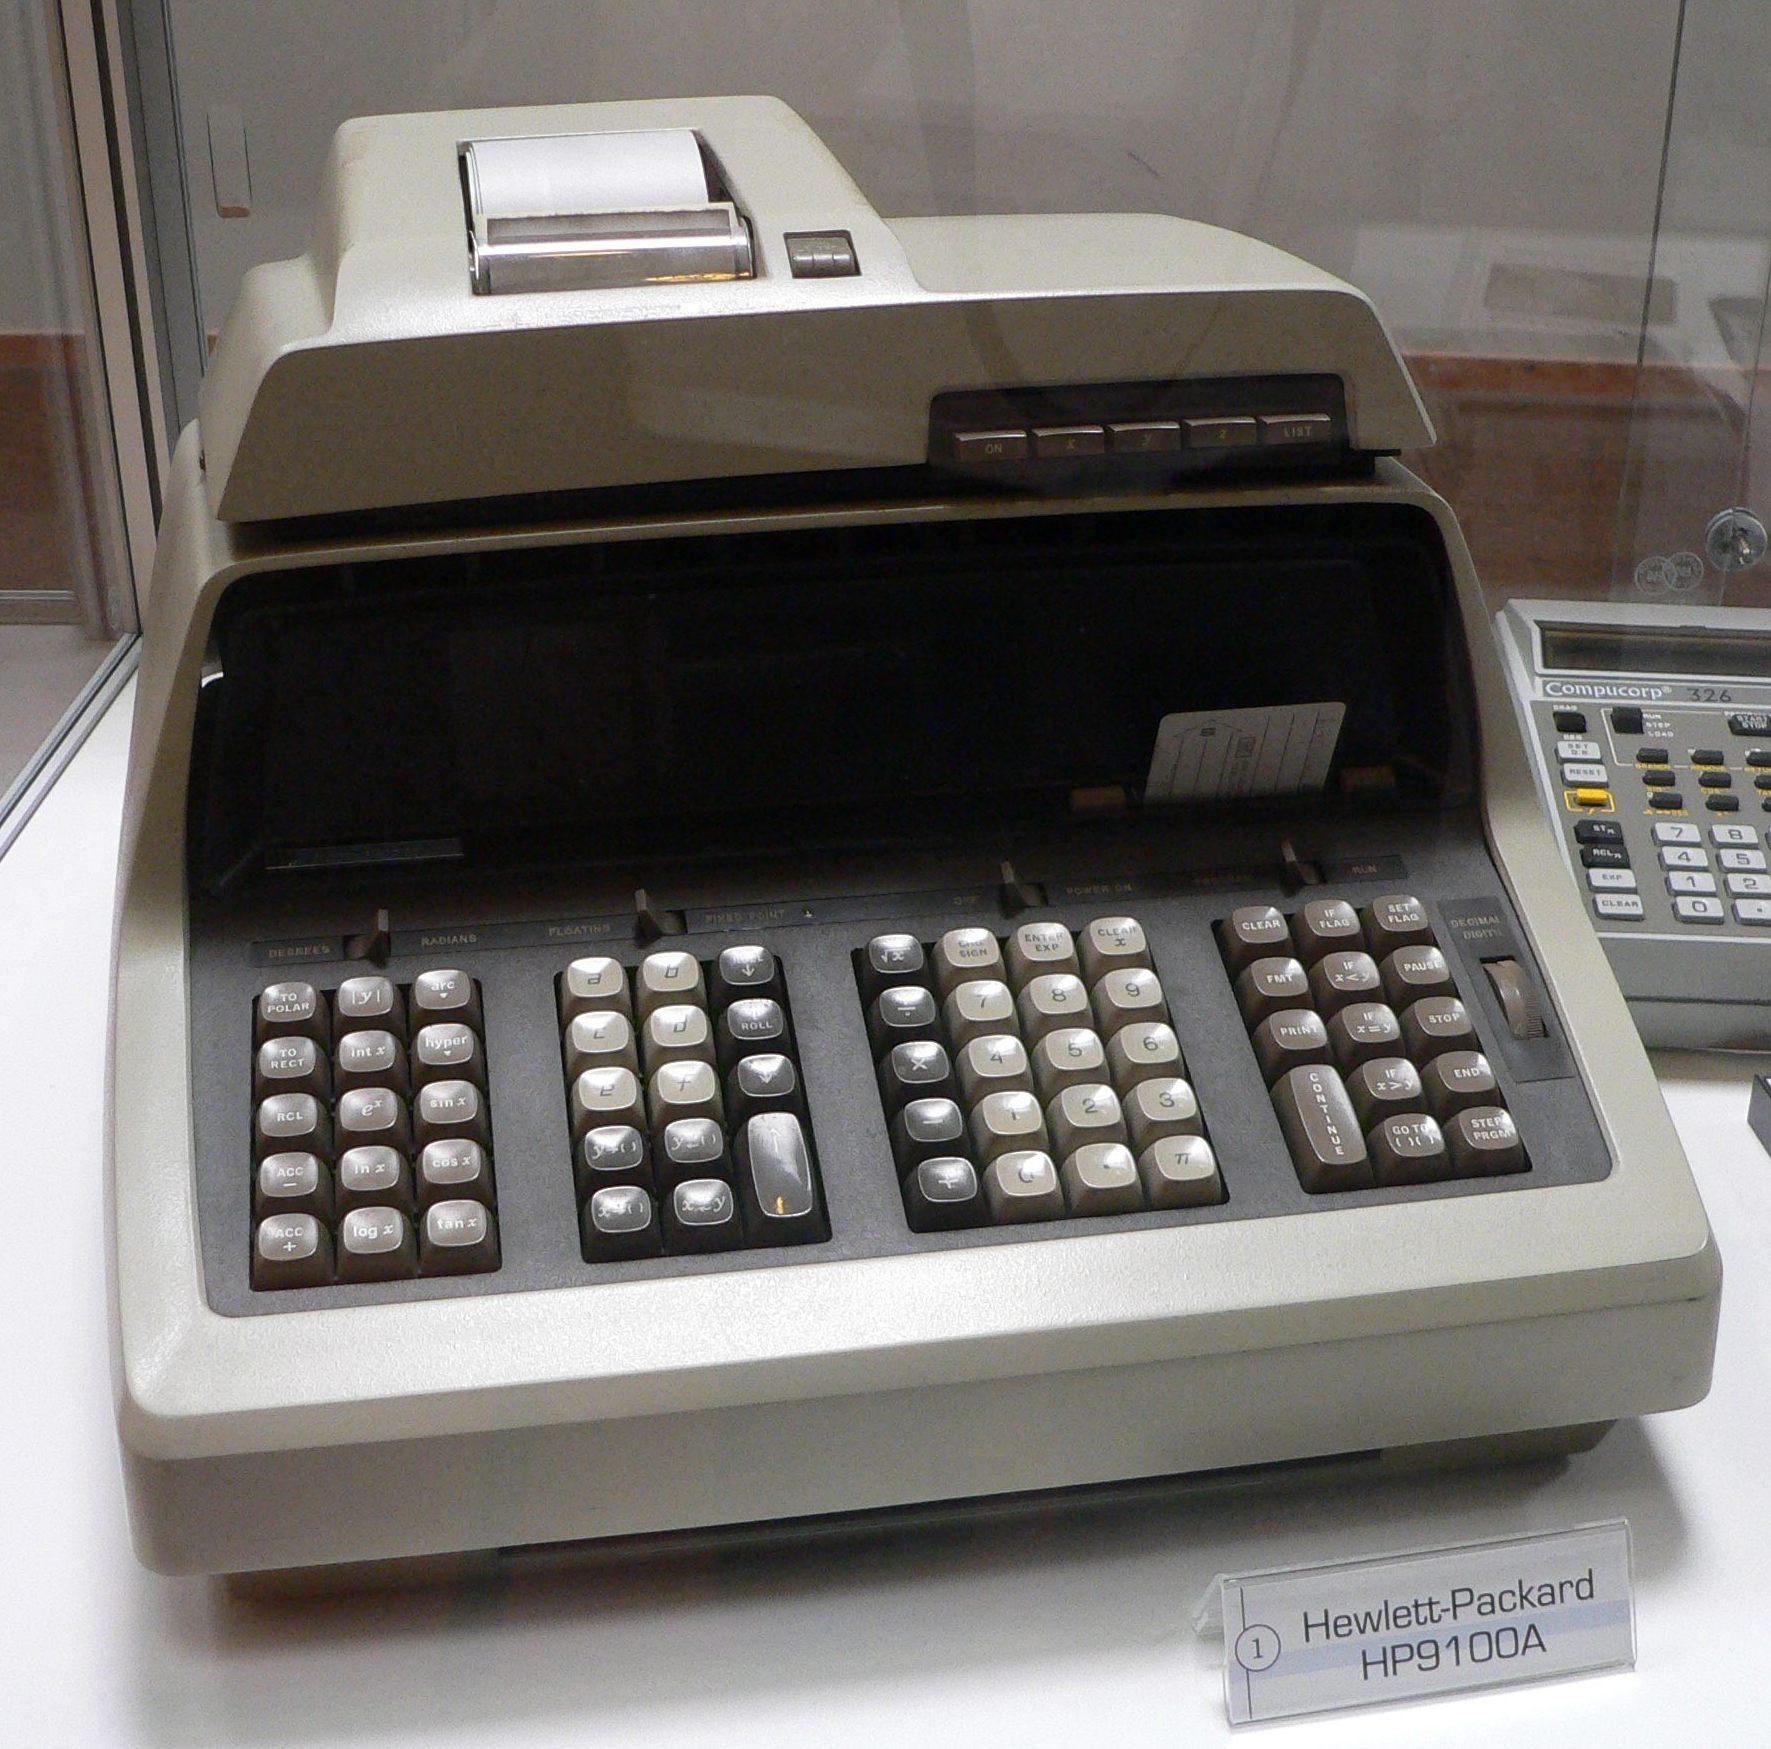 Wiki: Hewlett-Packard - upcScavenger